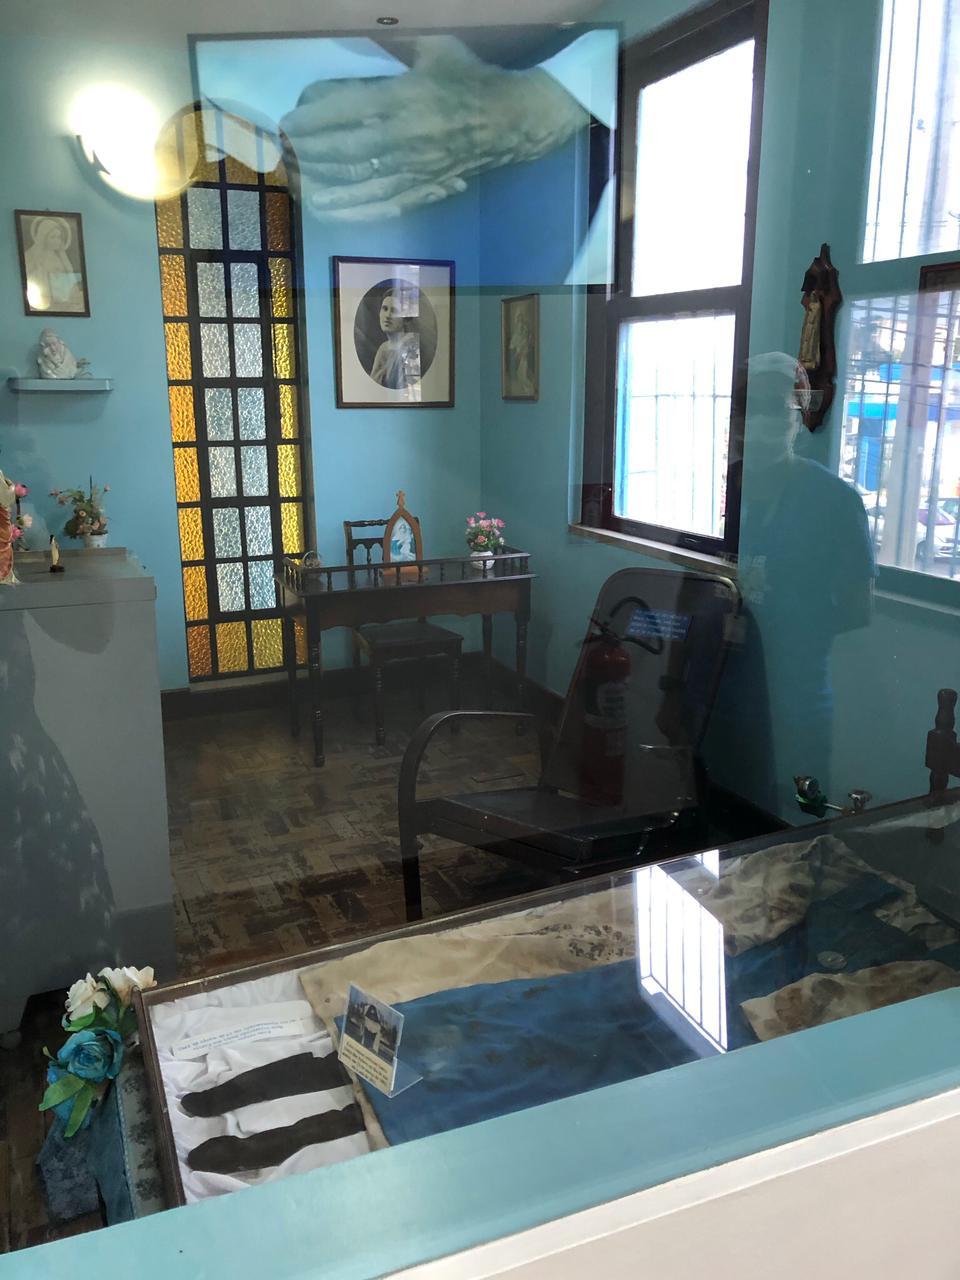 O Memorial Irmã Dulce mostra sua história e um rico acervo de relíquias e objetos pessoais